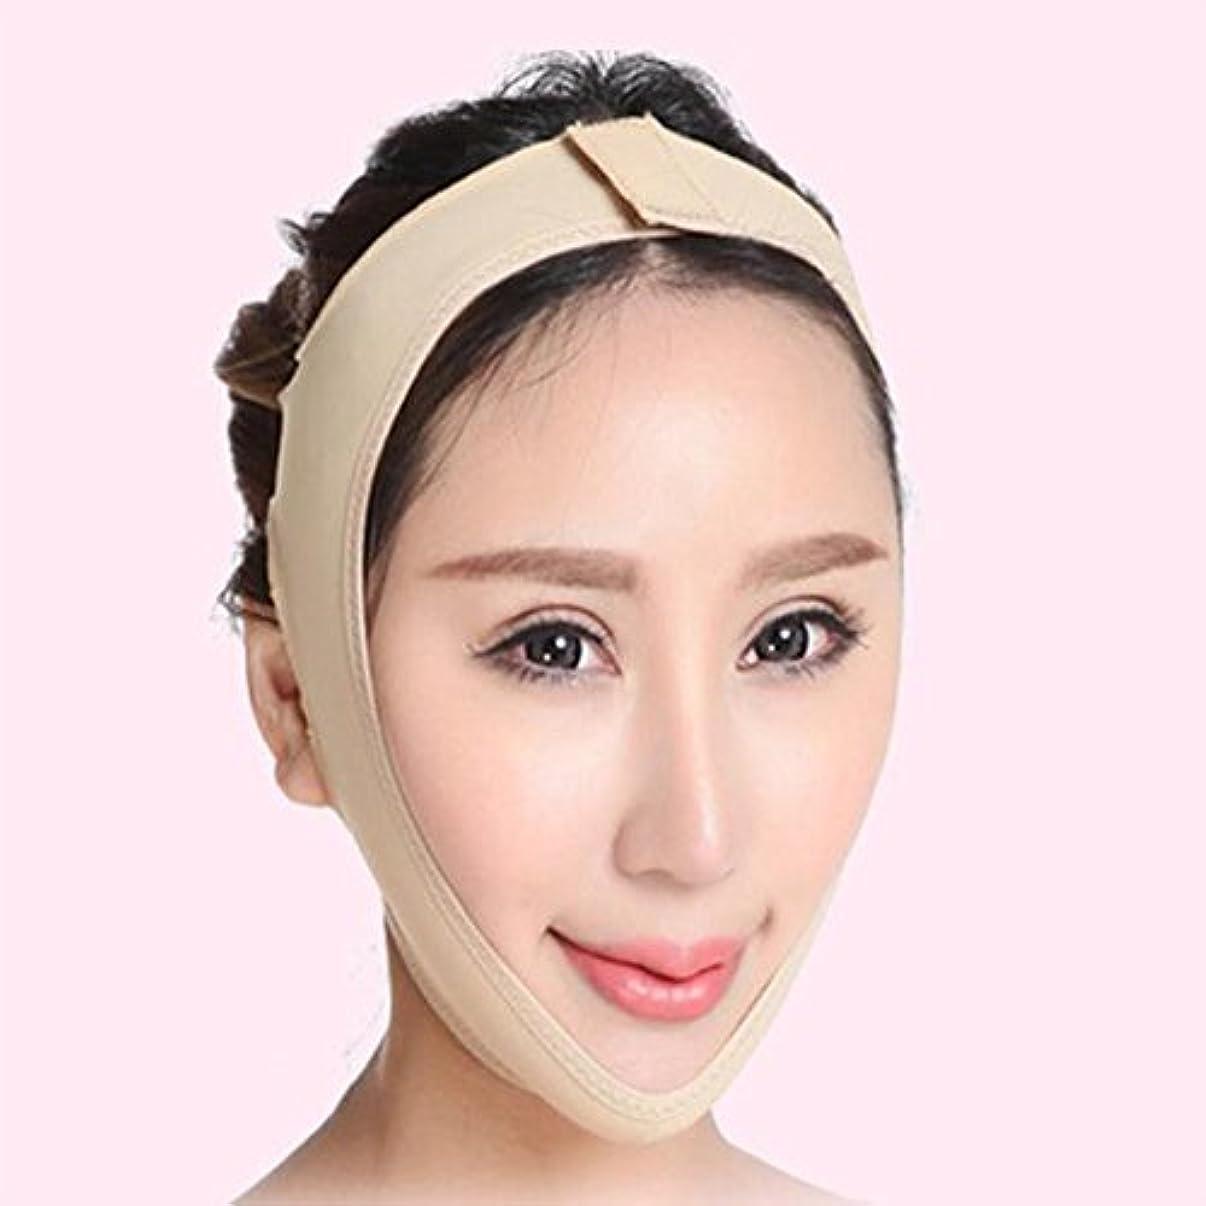 制約運搬サーマルSD 小顔 小顔マスク リフトアップ マスク フェイスライン 矯正 あご シャープ メンズ レディース Sサイズ AZD15003-S